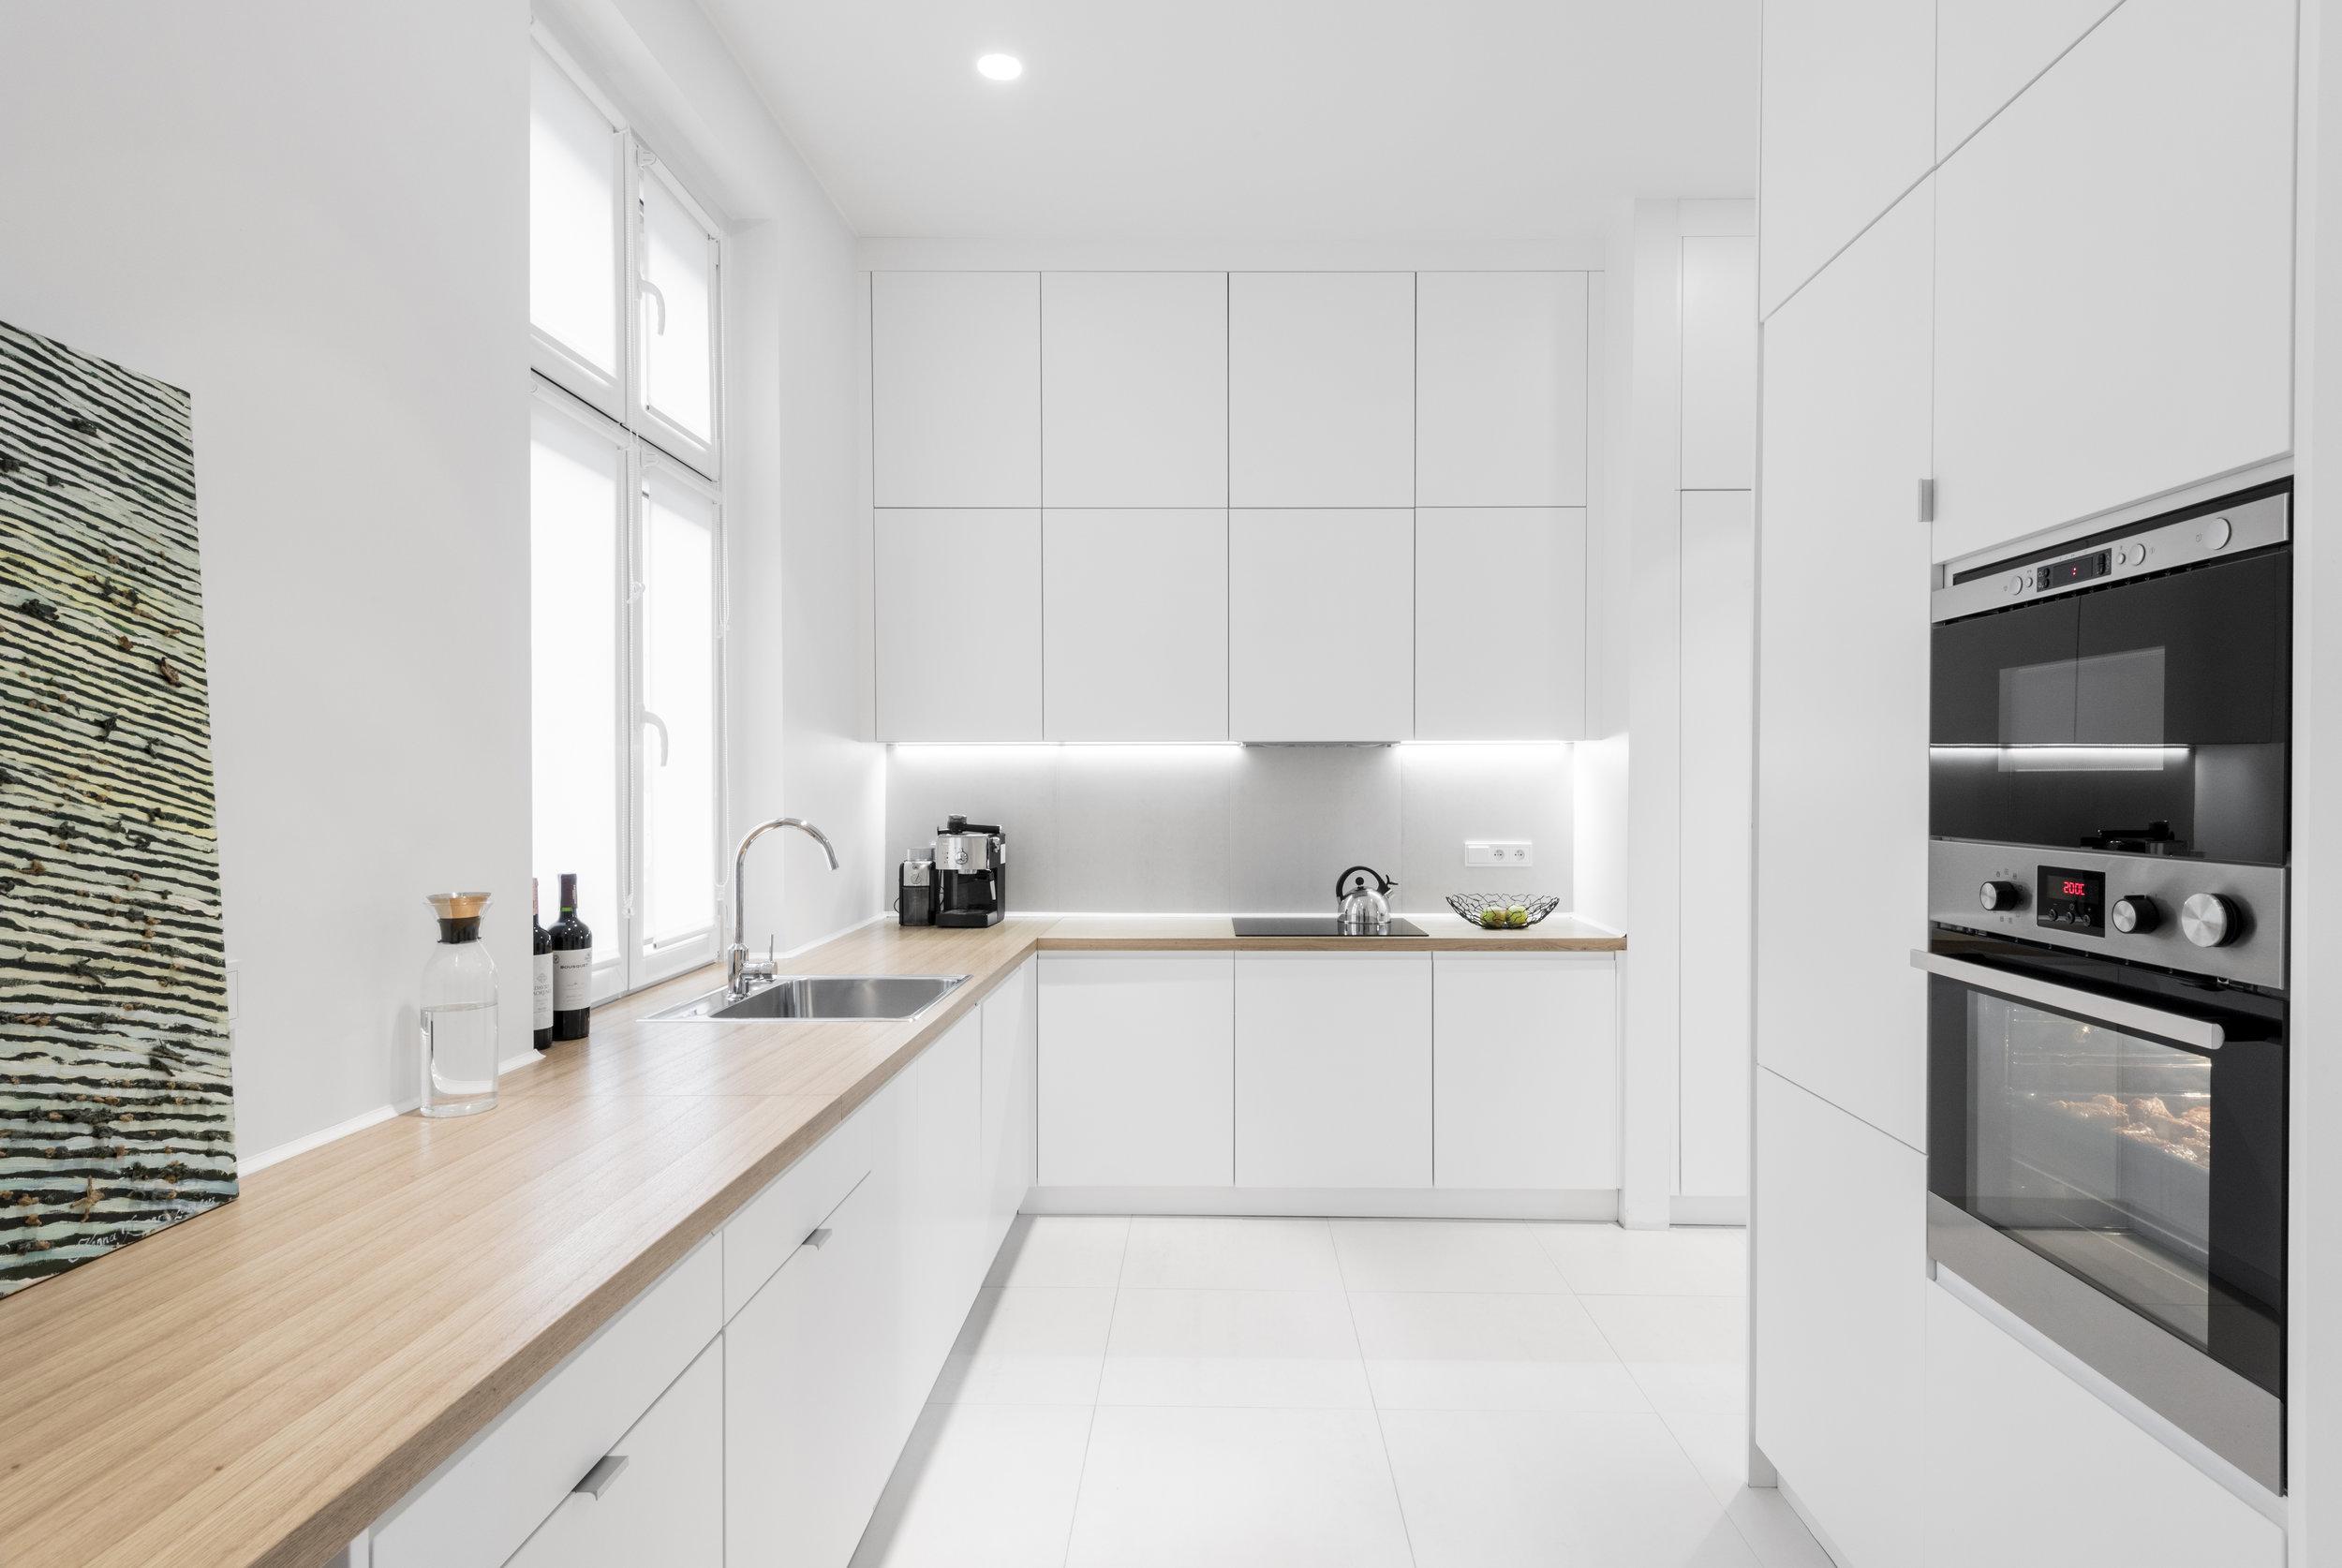 projekt-wnętrz-gliwice-kuchnia.jpg